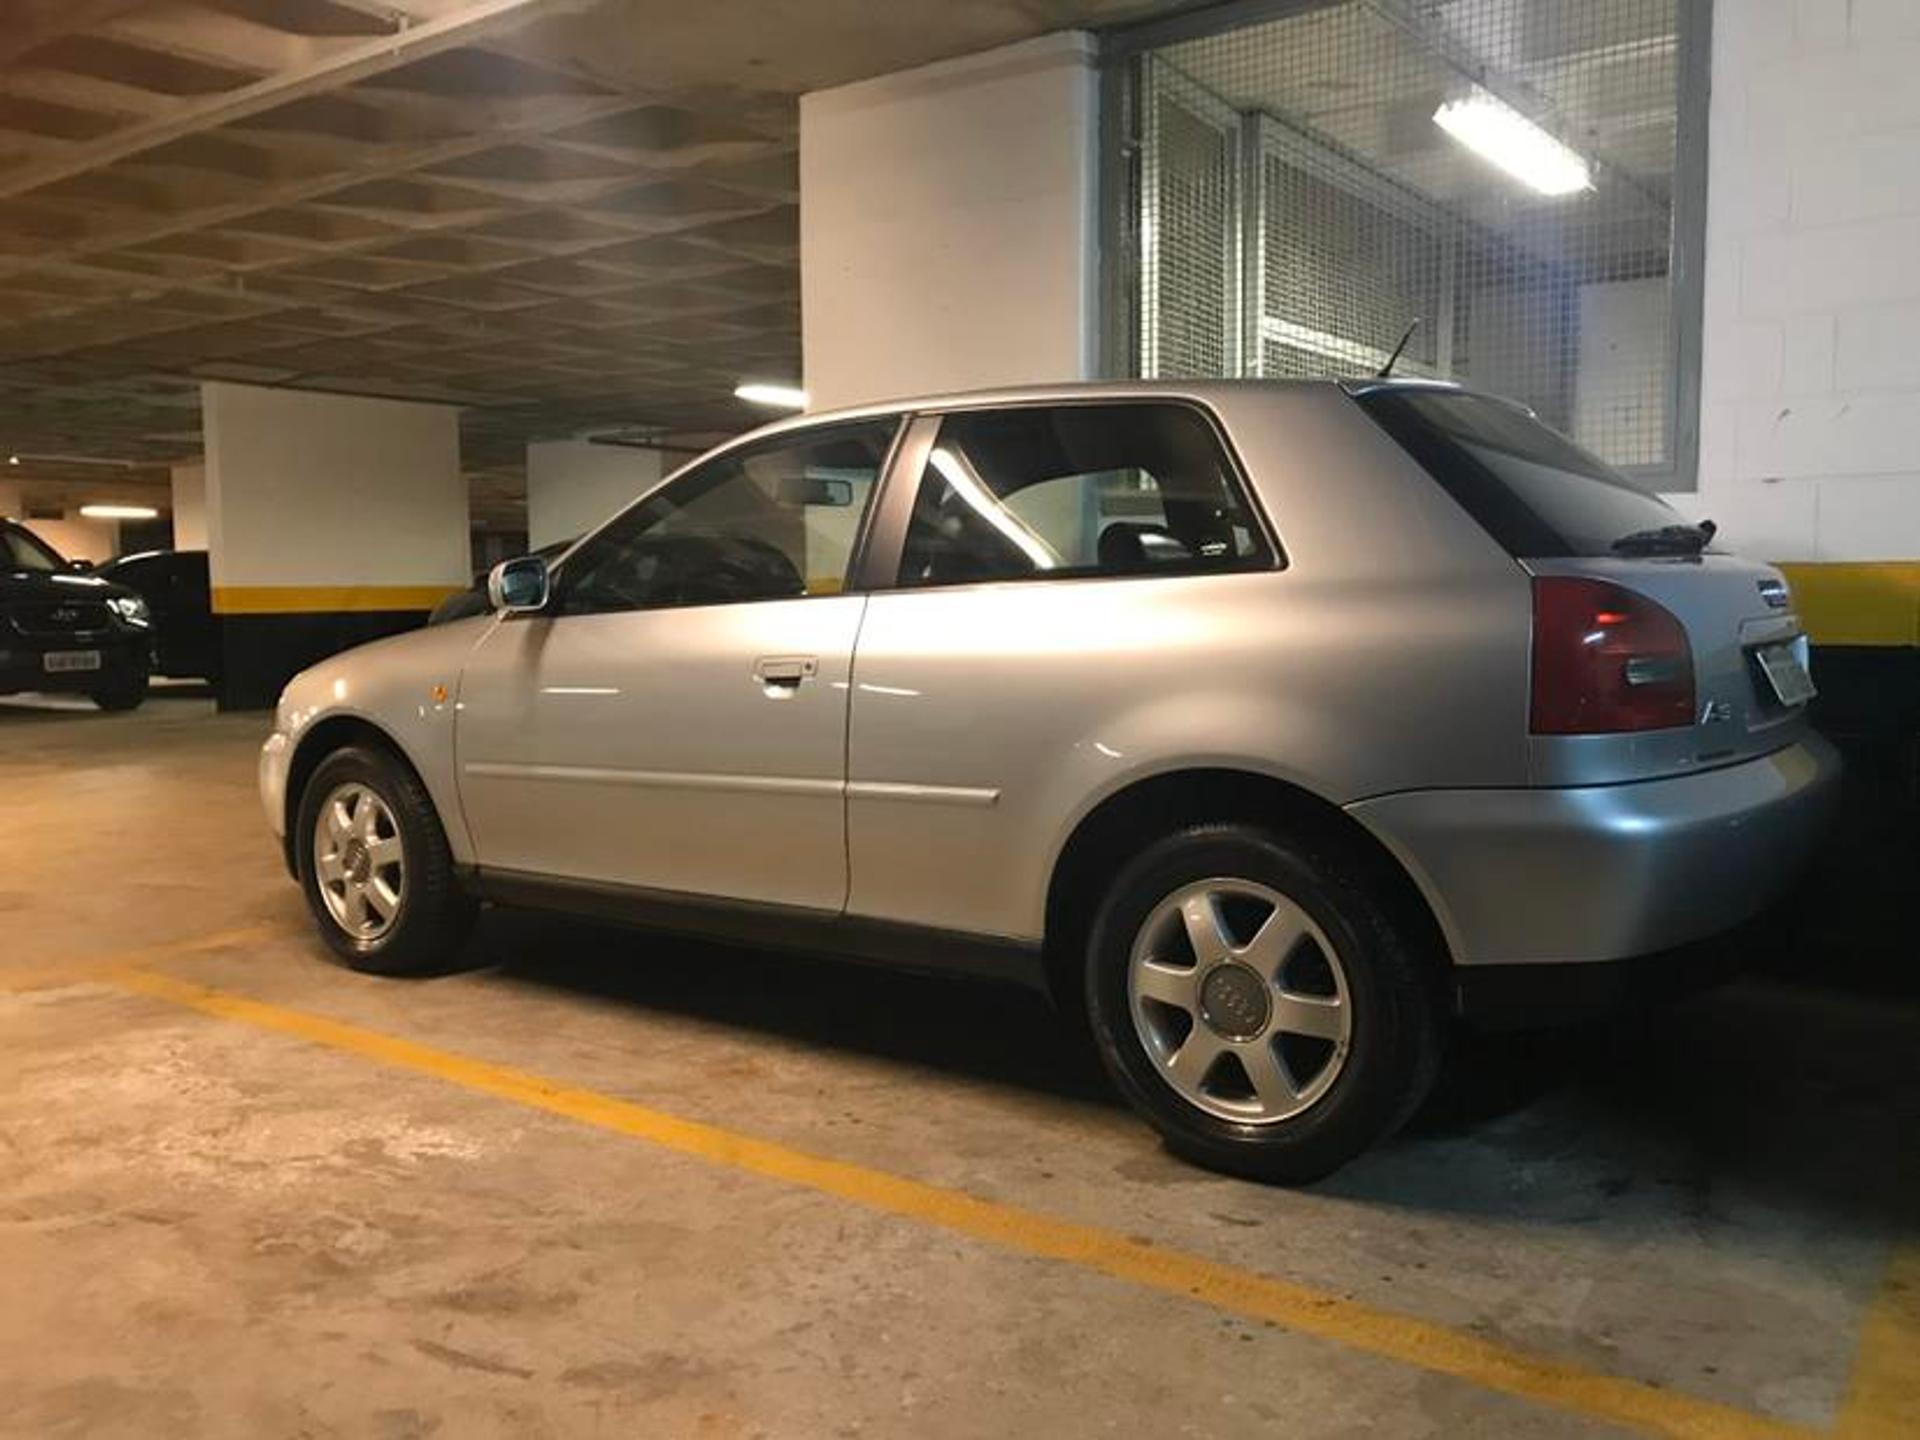 Audi A3 1.8 20v Gasolina 2p Manual Wmimagem19274726230